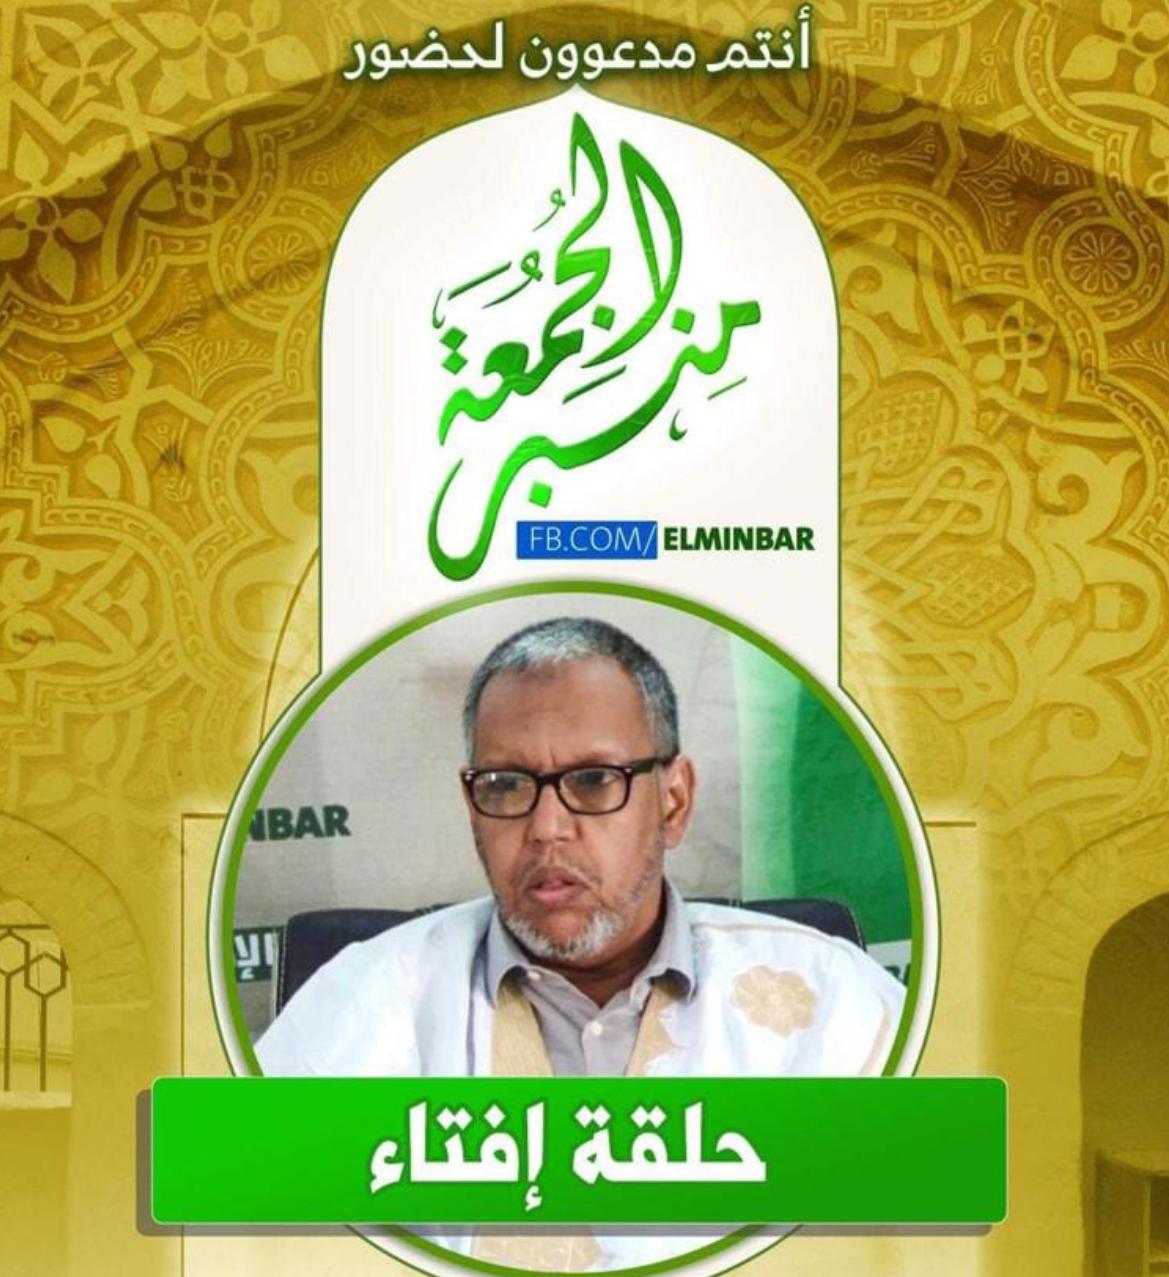 حلقة إفتاء بنواكشوط مع الشيخ محمدن مختار الحسن